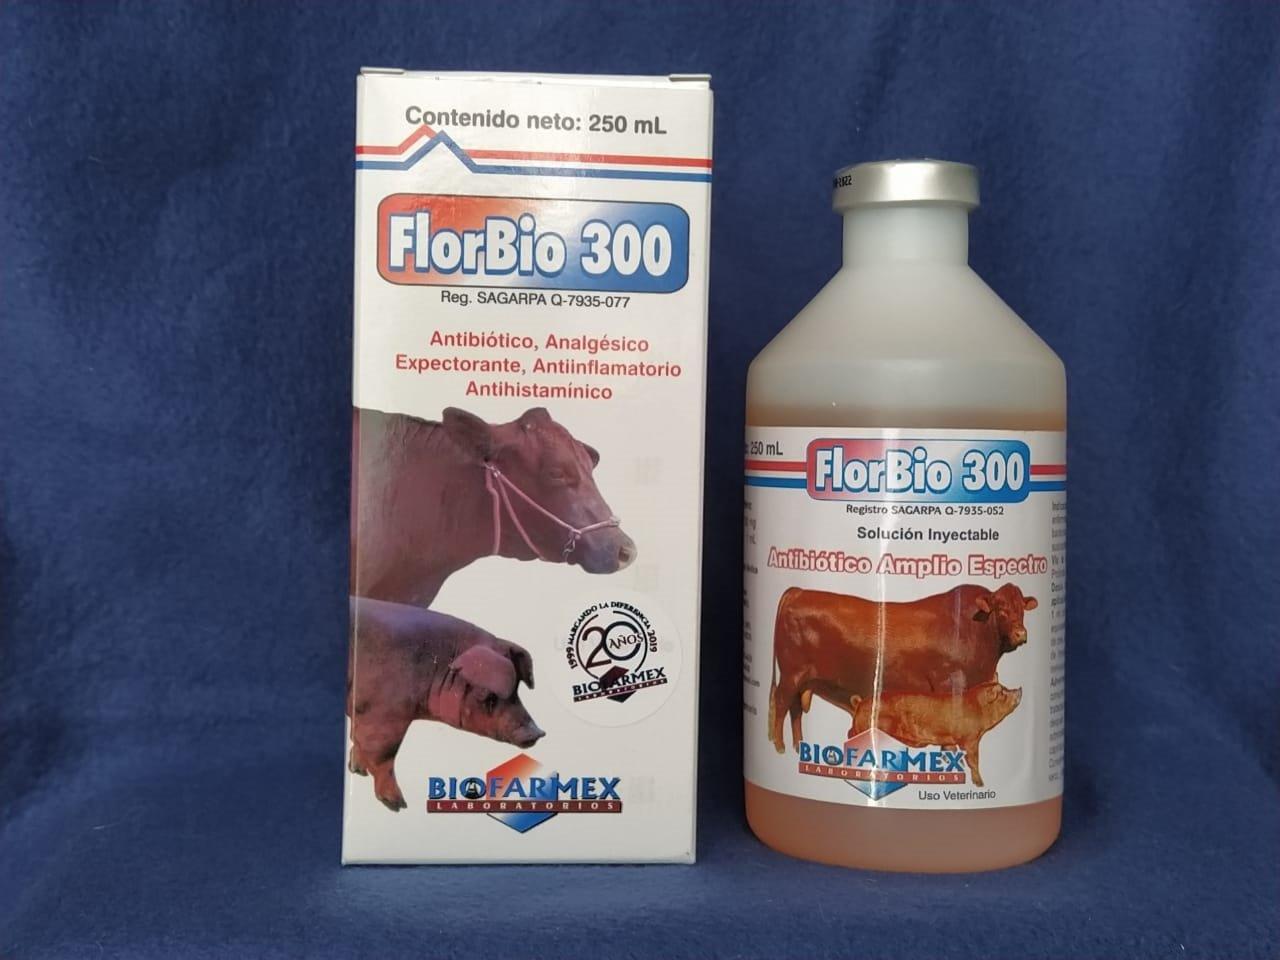 FlorBio30